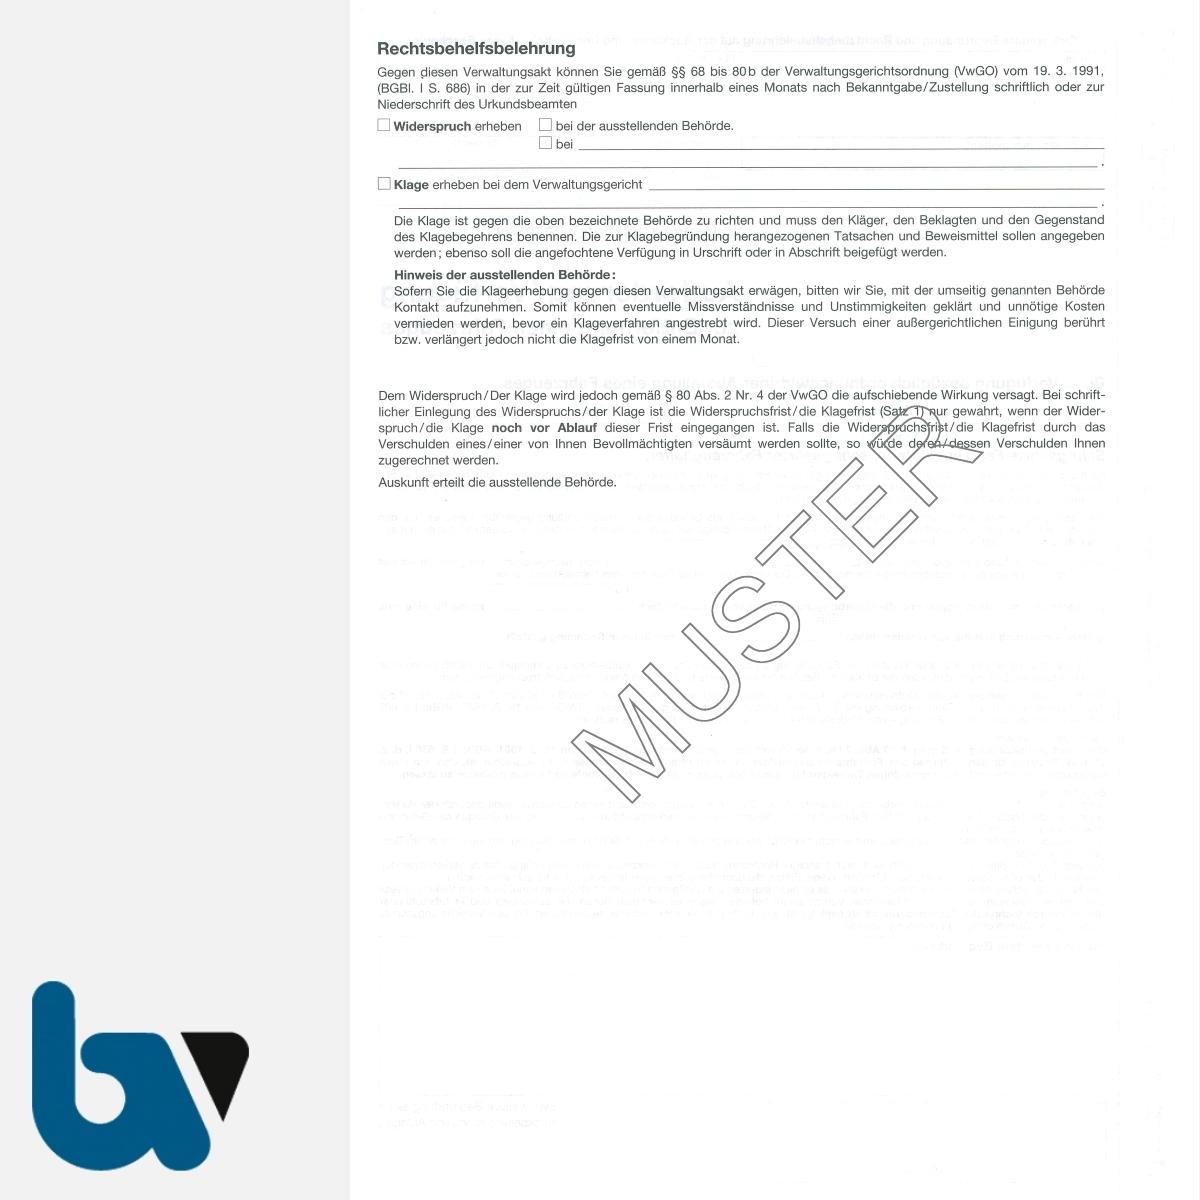 0/442-4 Aufforderung Verfügung Entfernung Fahrzeug Straßenverkehrsordnung-StVO DIN A4 3-fach RS | Borgard Verlag GmbH